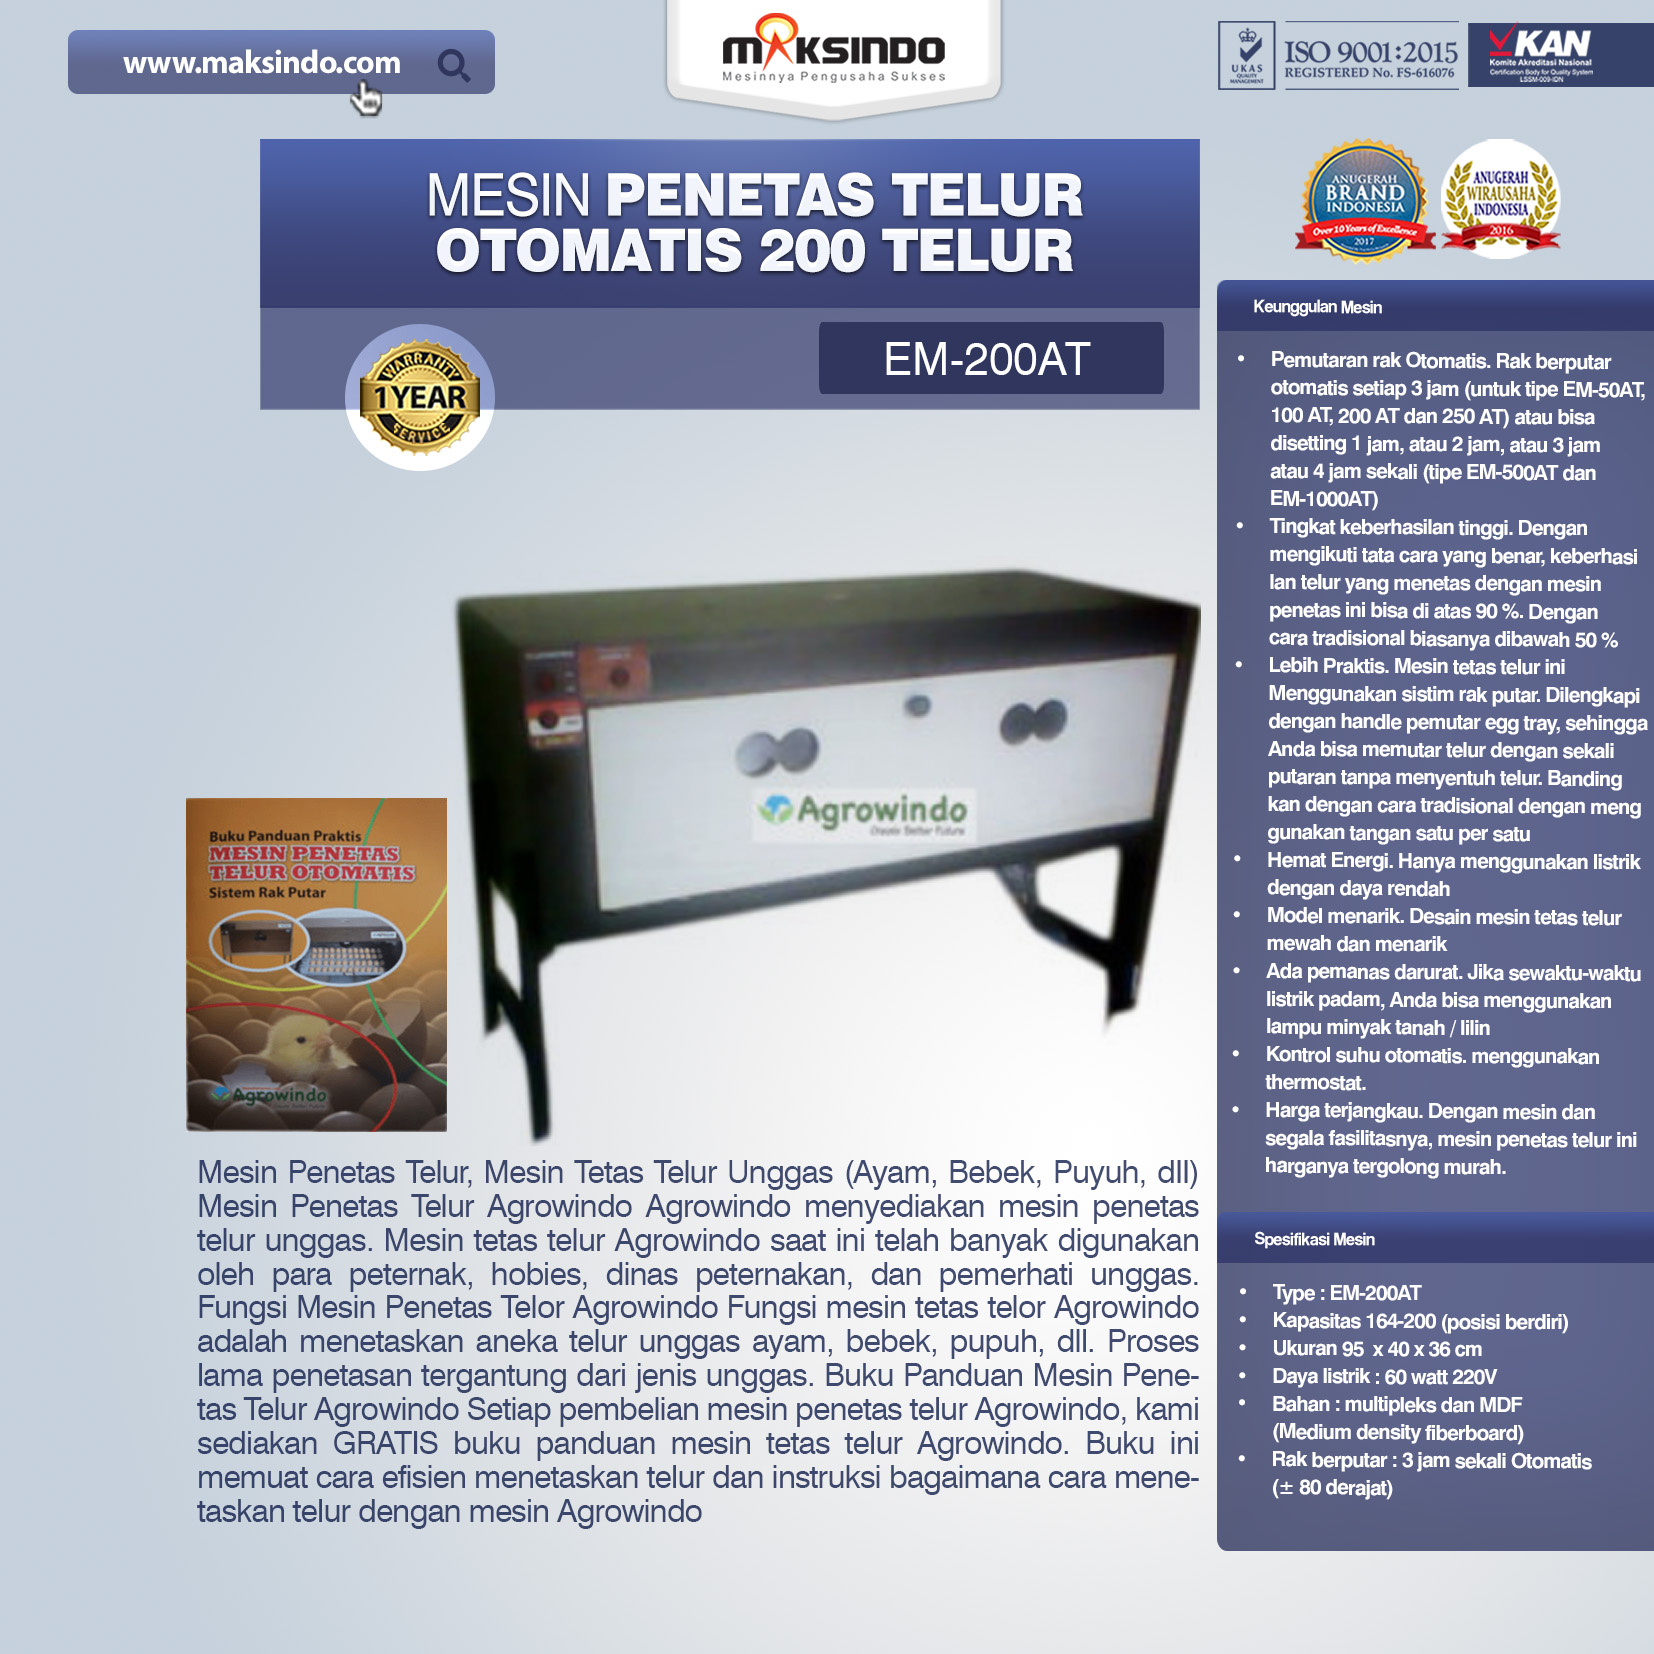 Jual Mesin Penetas Telur Otomatis 200 Telur (EM-200AT) di Semarang